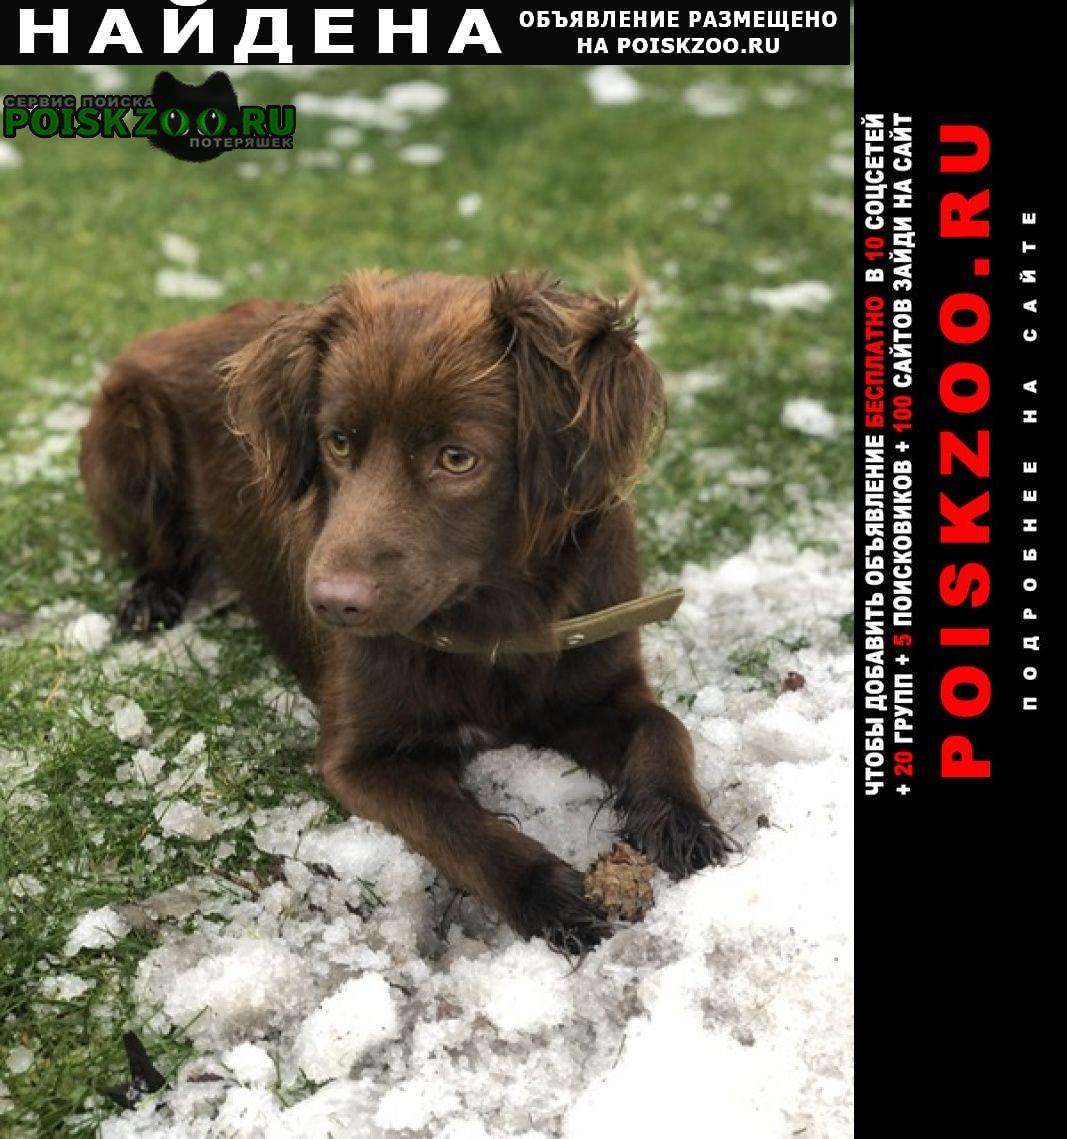 Найдена собака девочка Шаховская